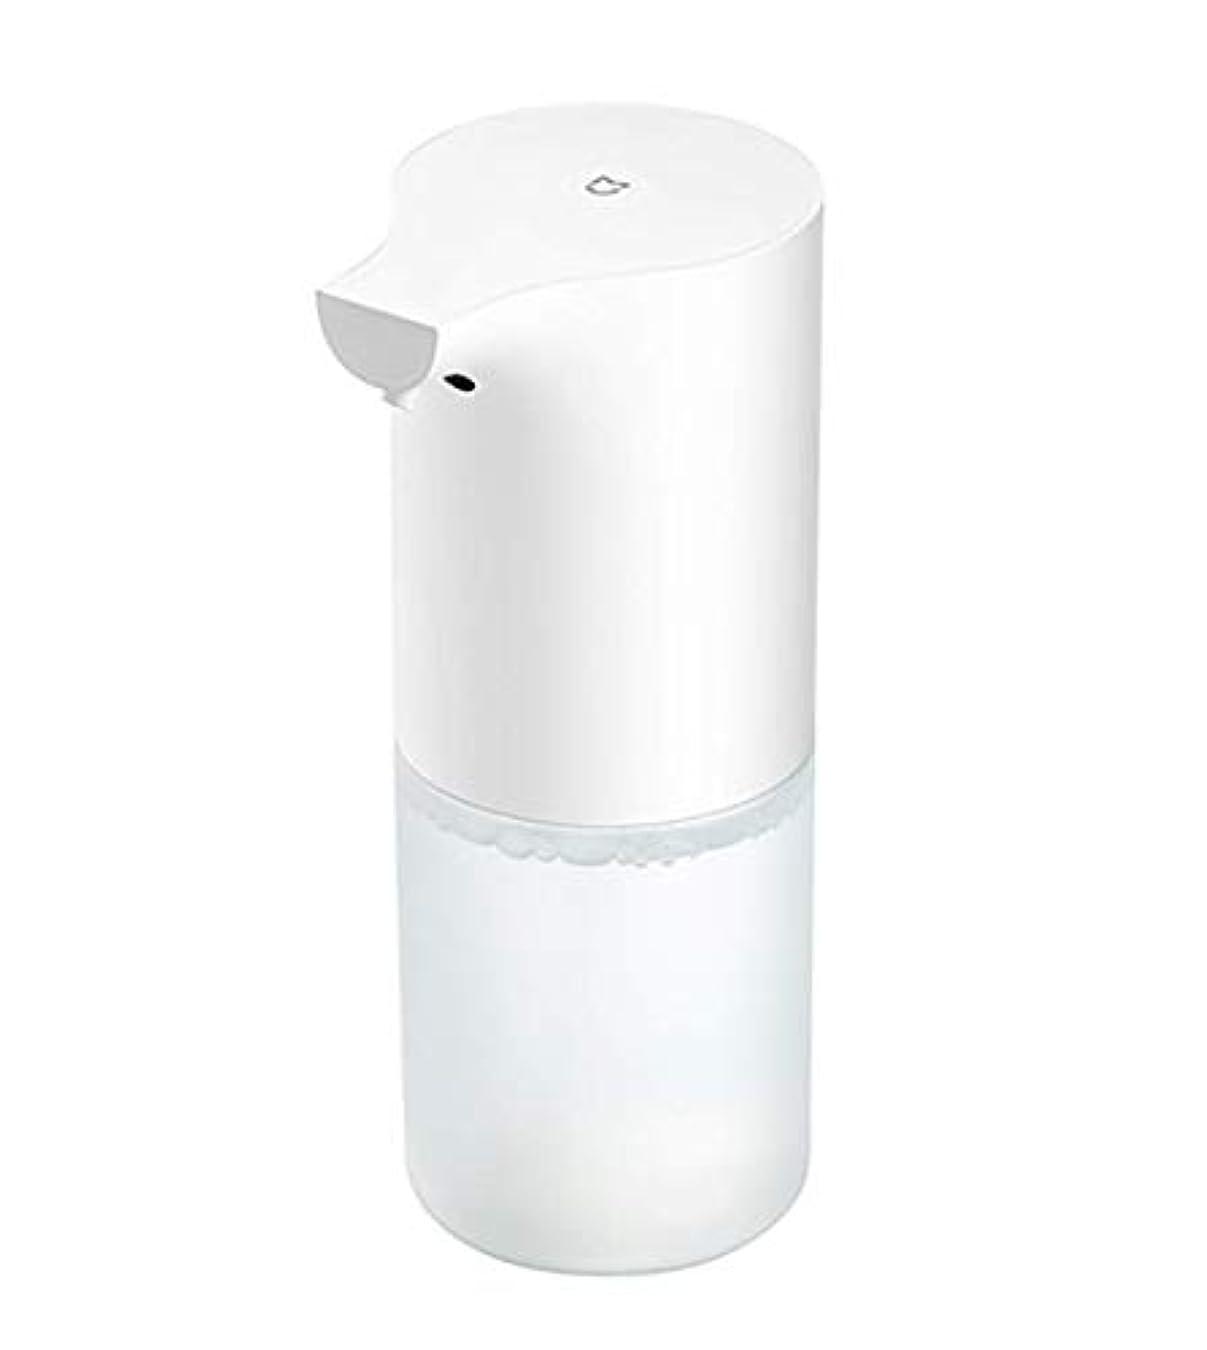 嘆願祝福する無礼に自動誘導発泡ハンドウォッシャーフォームソープディスペンサー赤外線センサーソープディスペンサー用浴室キッチン